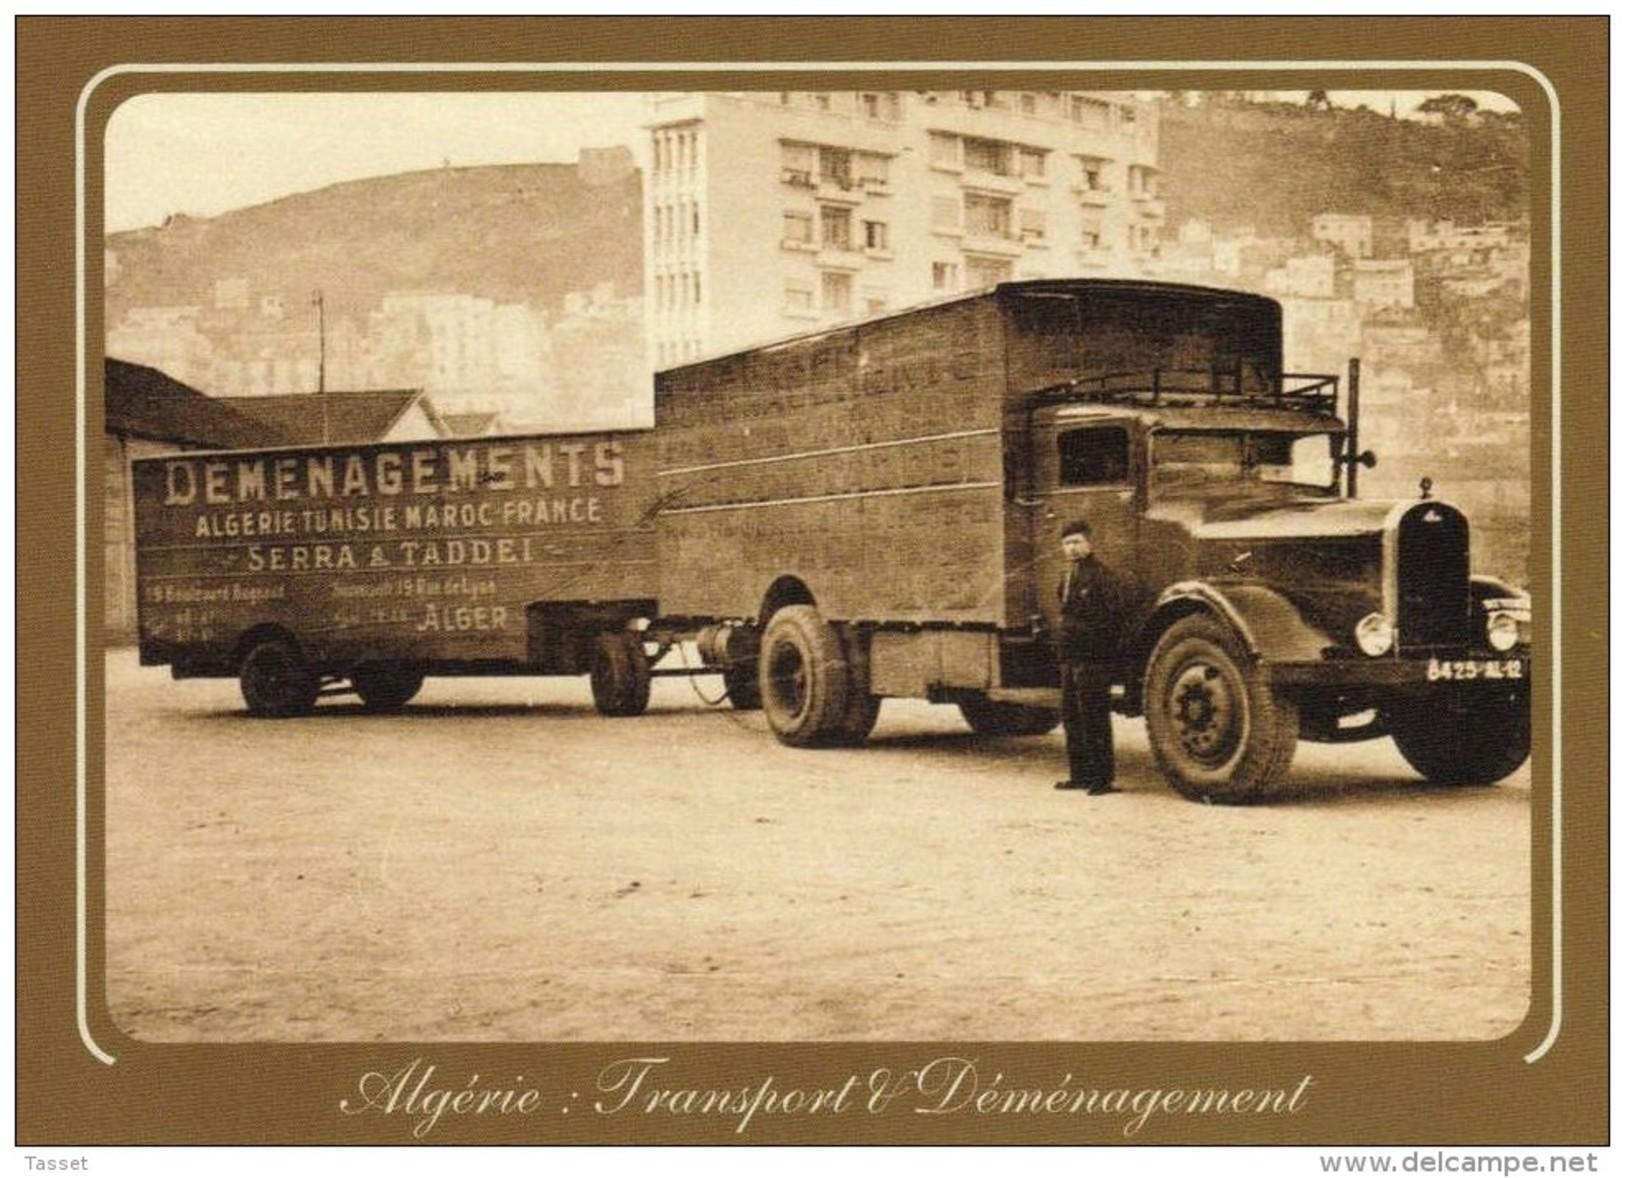 Camion Delahaye Diesel  Avec Remorque 70m3 Des Transports Corse Serra & Taddéi 19 Bld Bugeau Alger - Professions